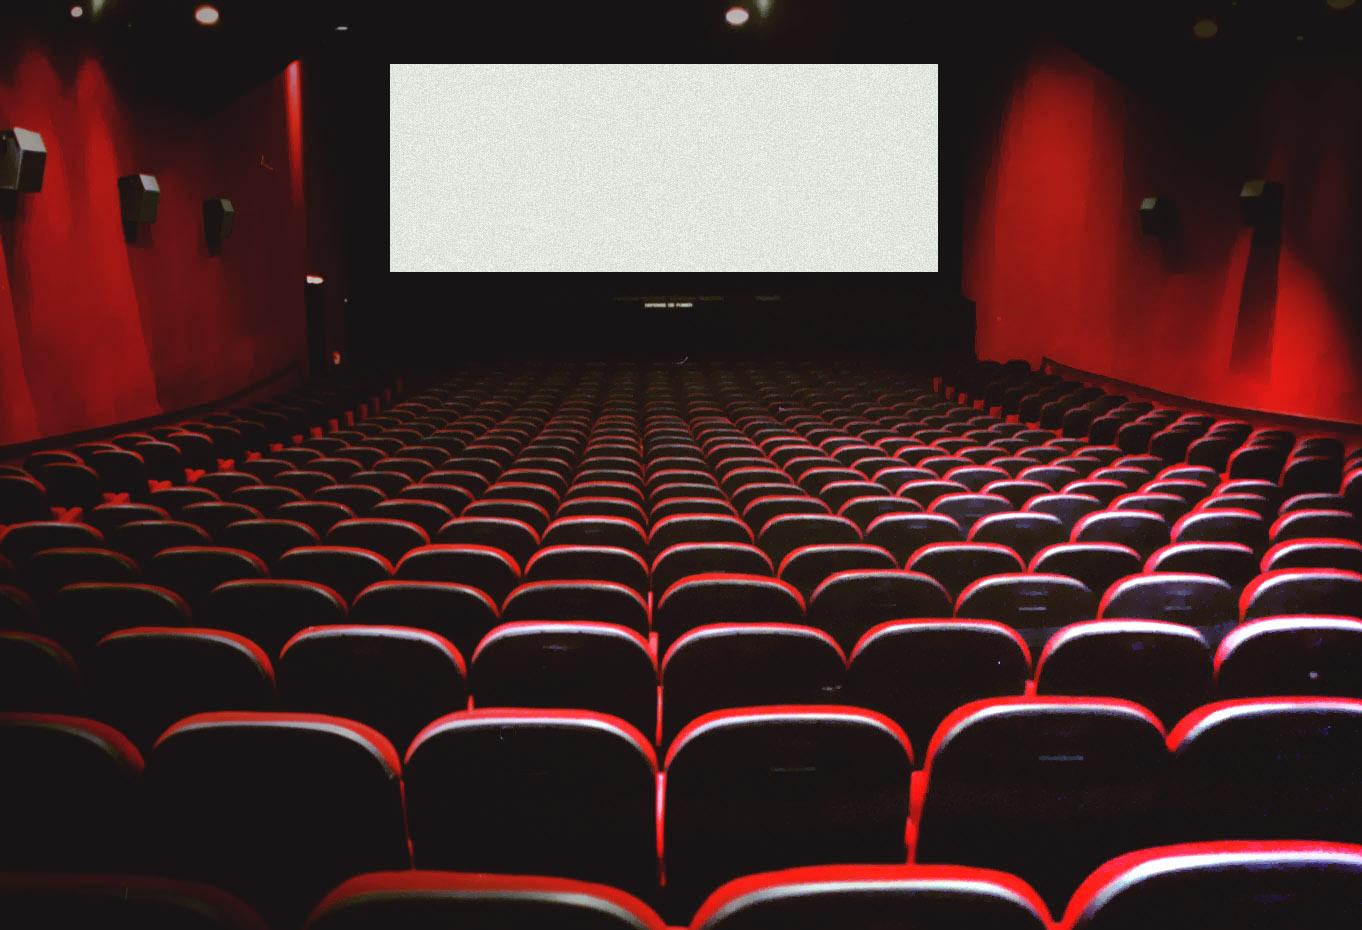 Ecole de cinema: entrer dans un nouveau monde